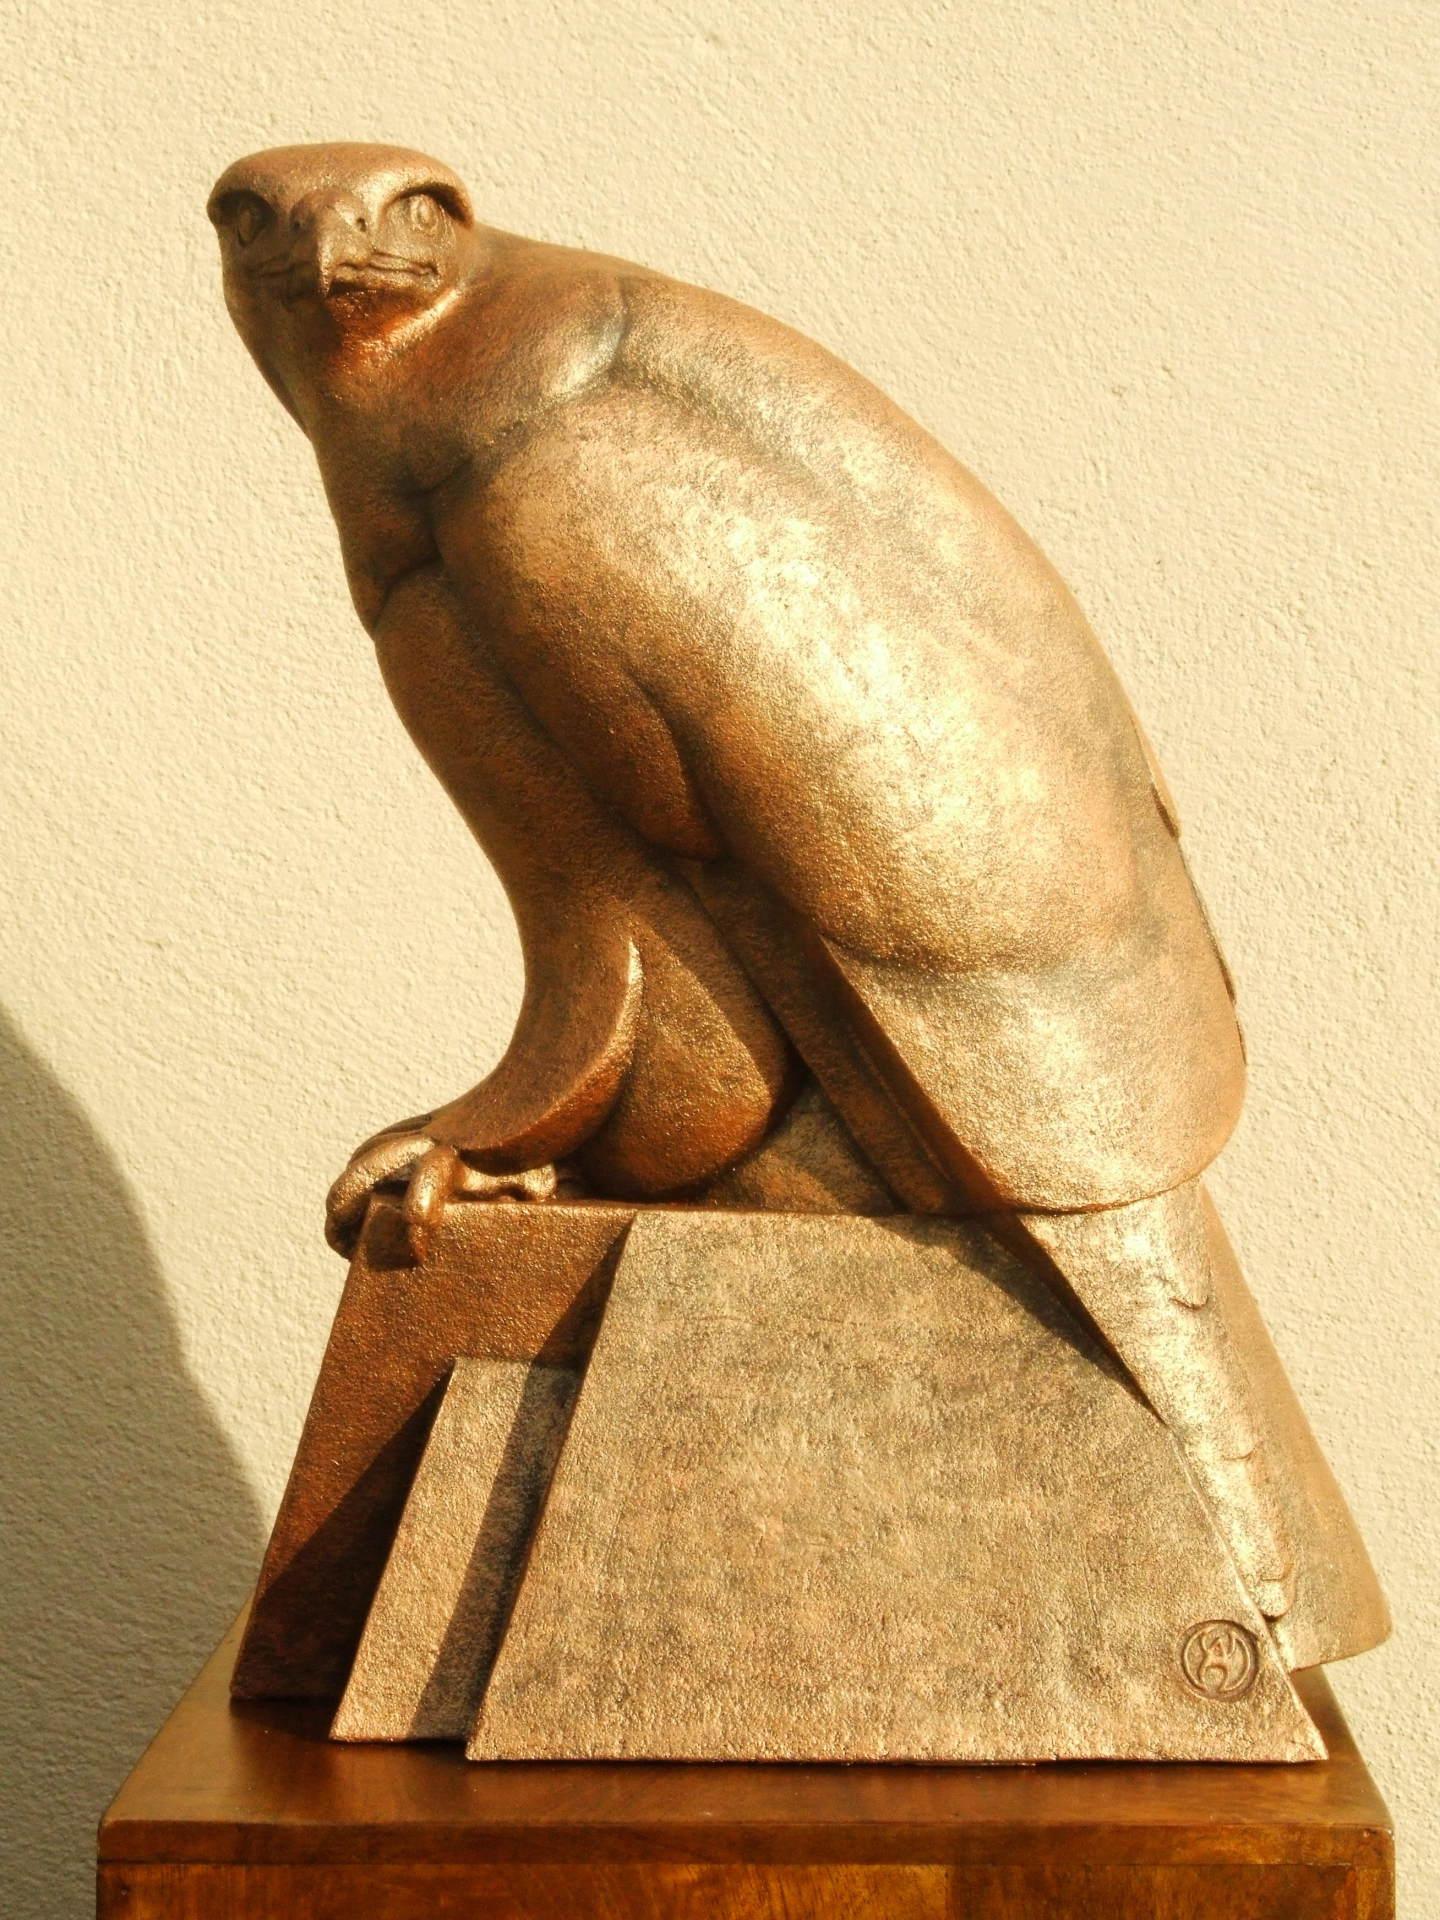 buzzard, ceramic, sculpture